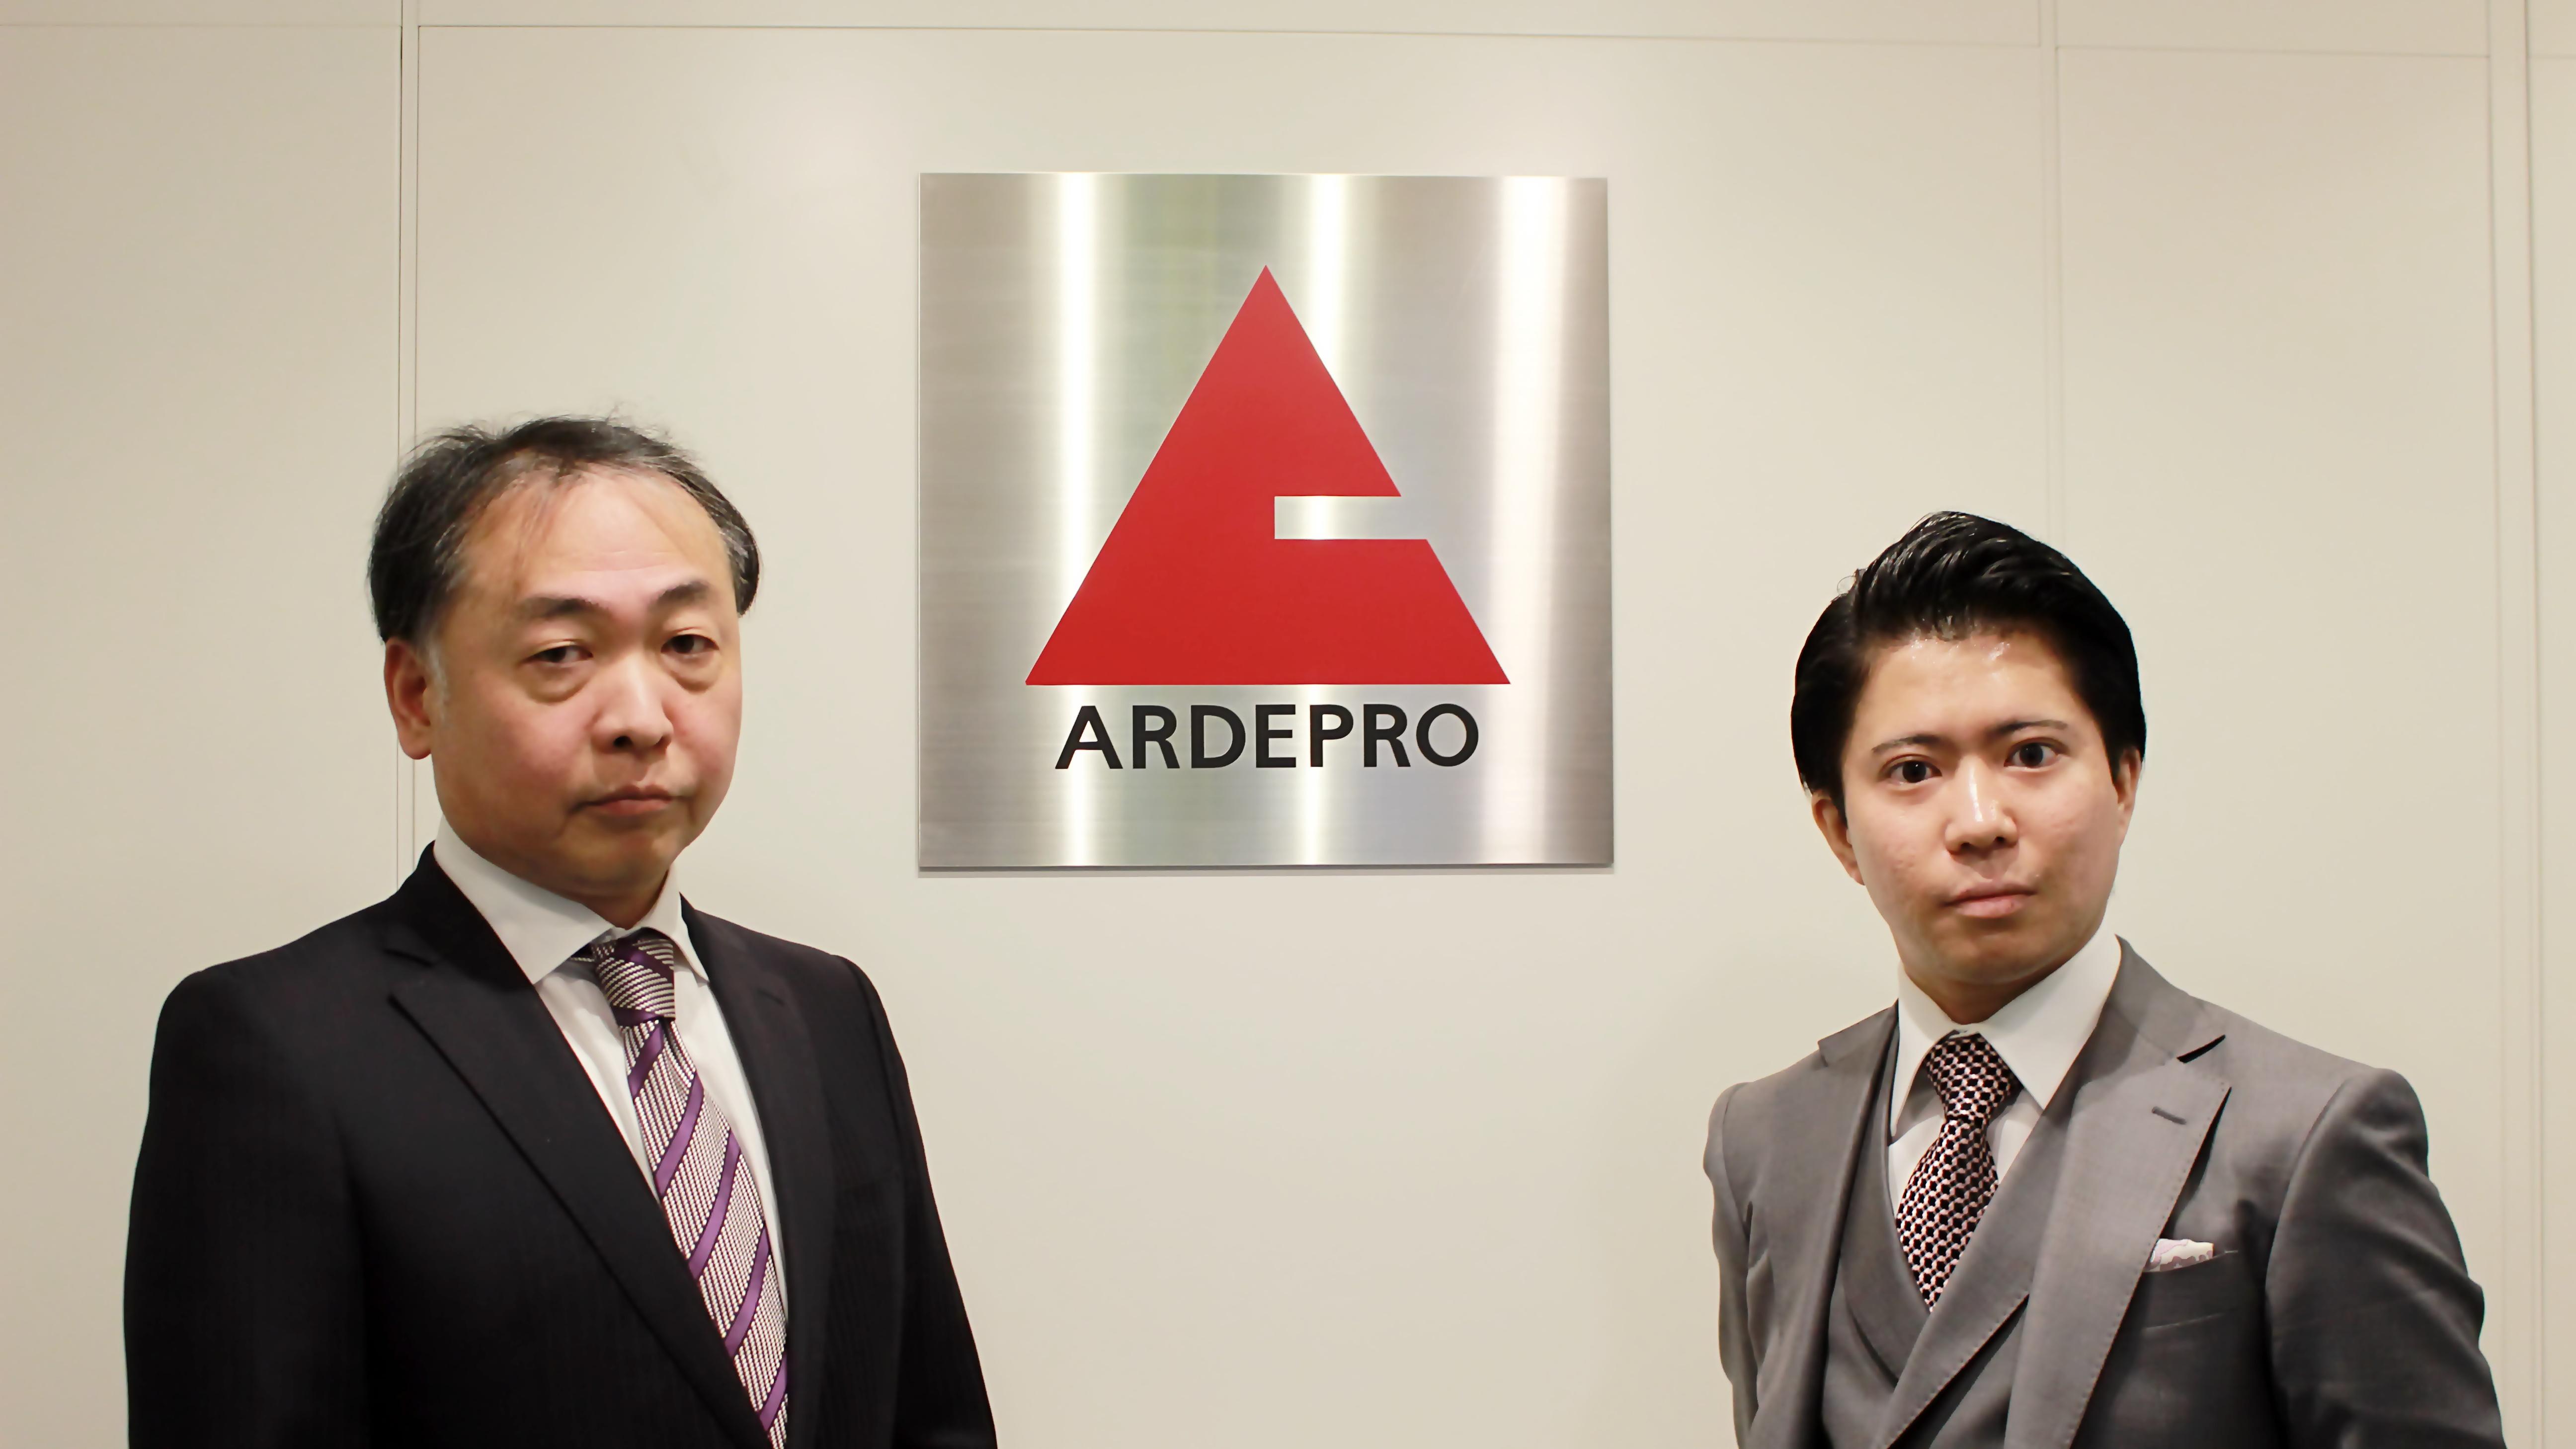 アルデプロ、2Qは利益面で大幅増益達成 自己資本比率30%超を維持し、100億円以上の在庫保有で年2回転以上に